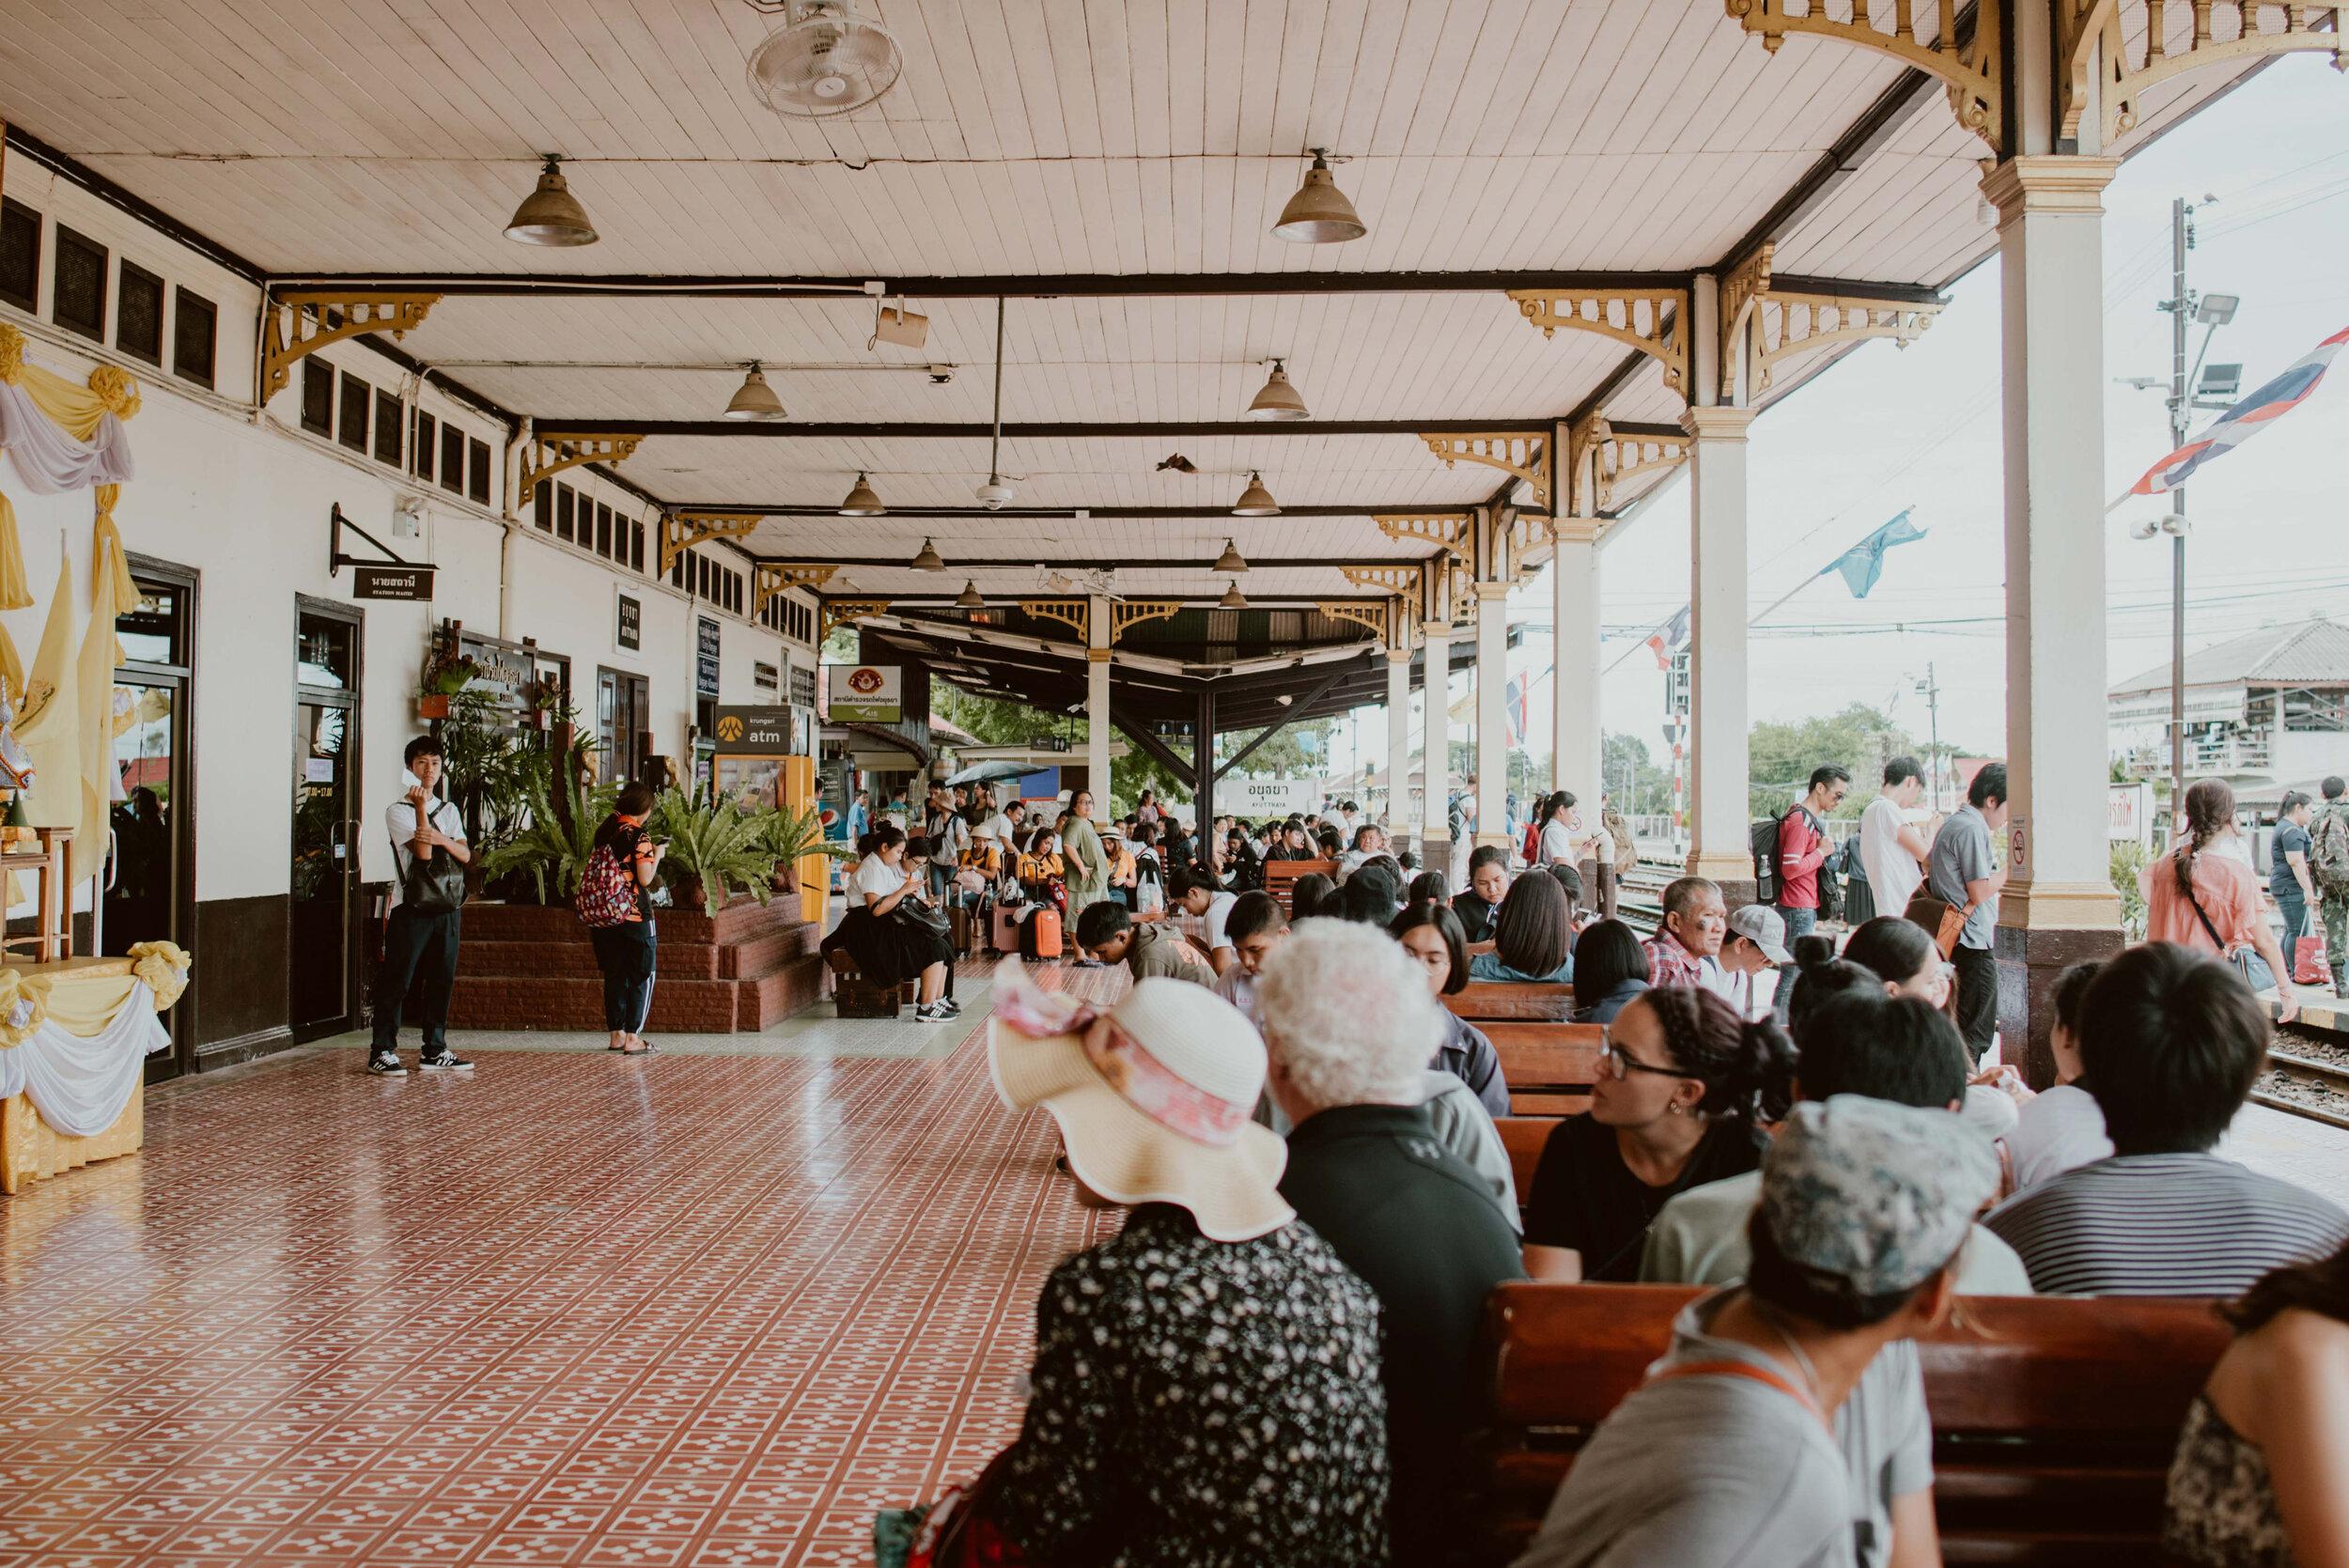 Bangkok-losebano-98.jpg